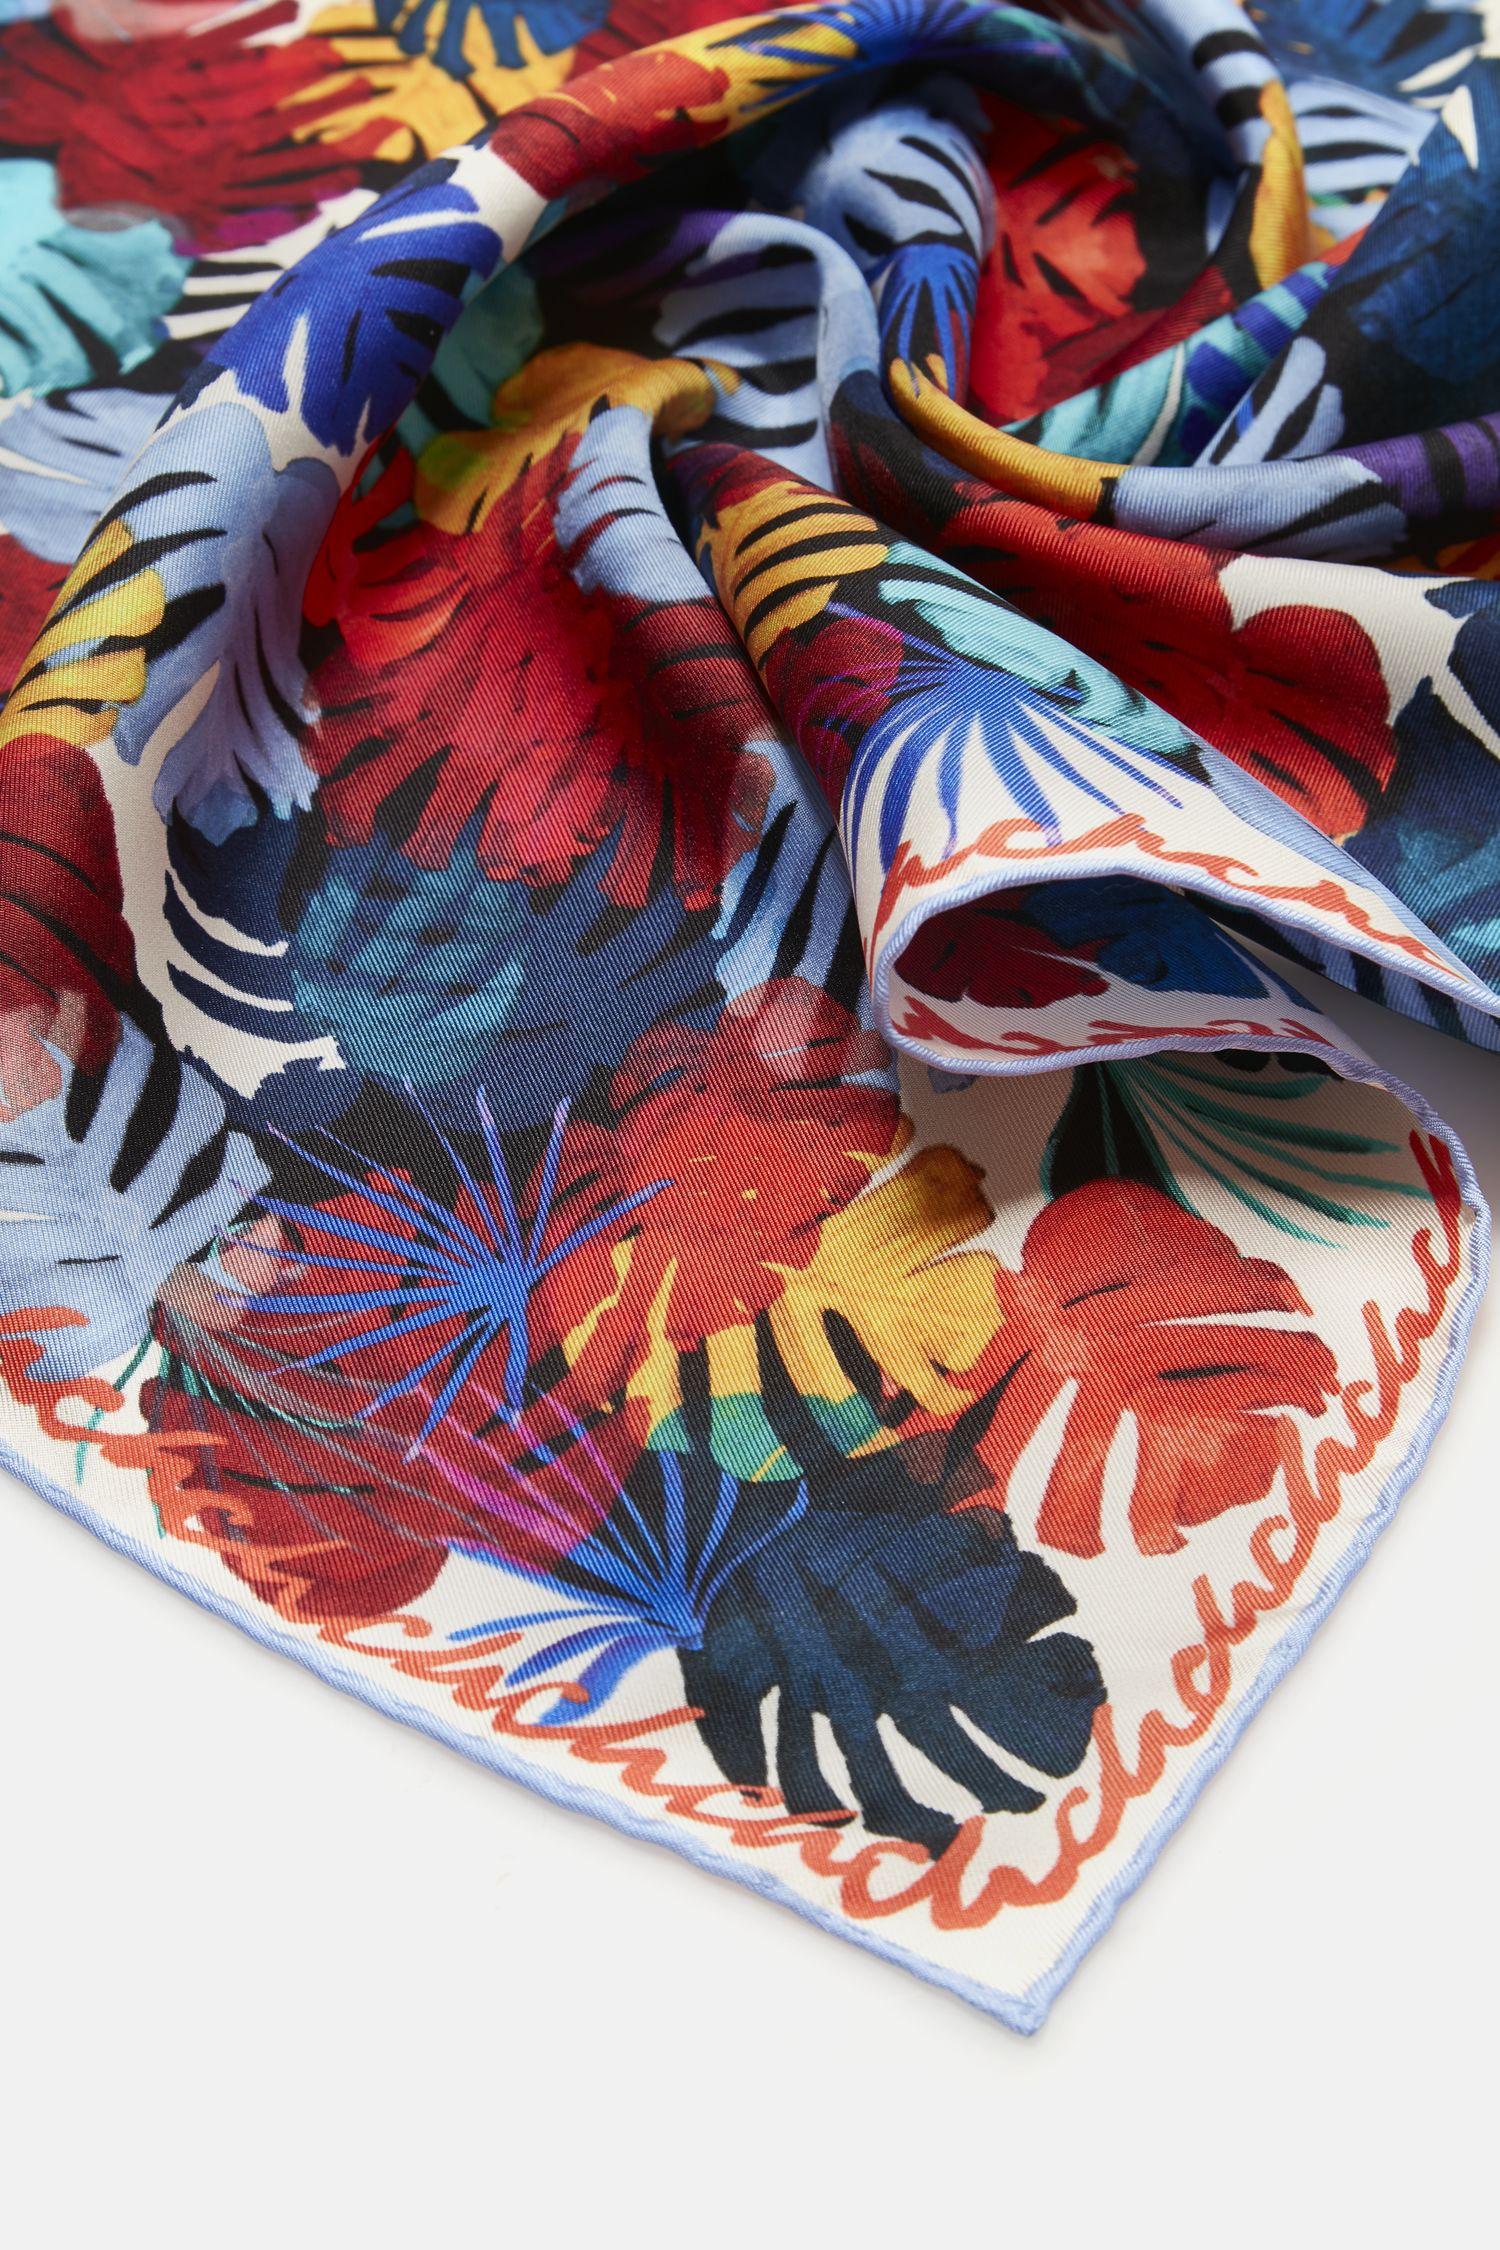 Jungle bandana